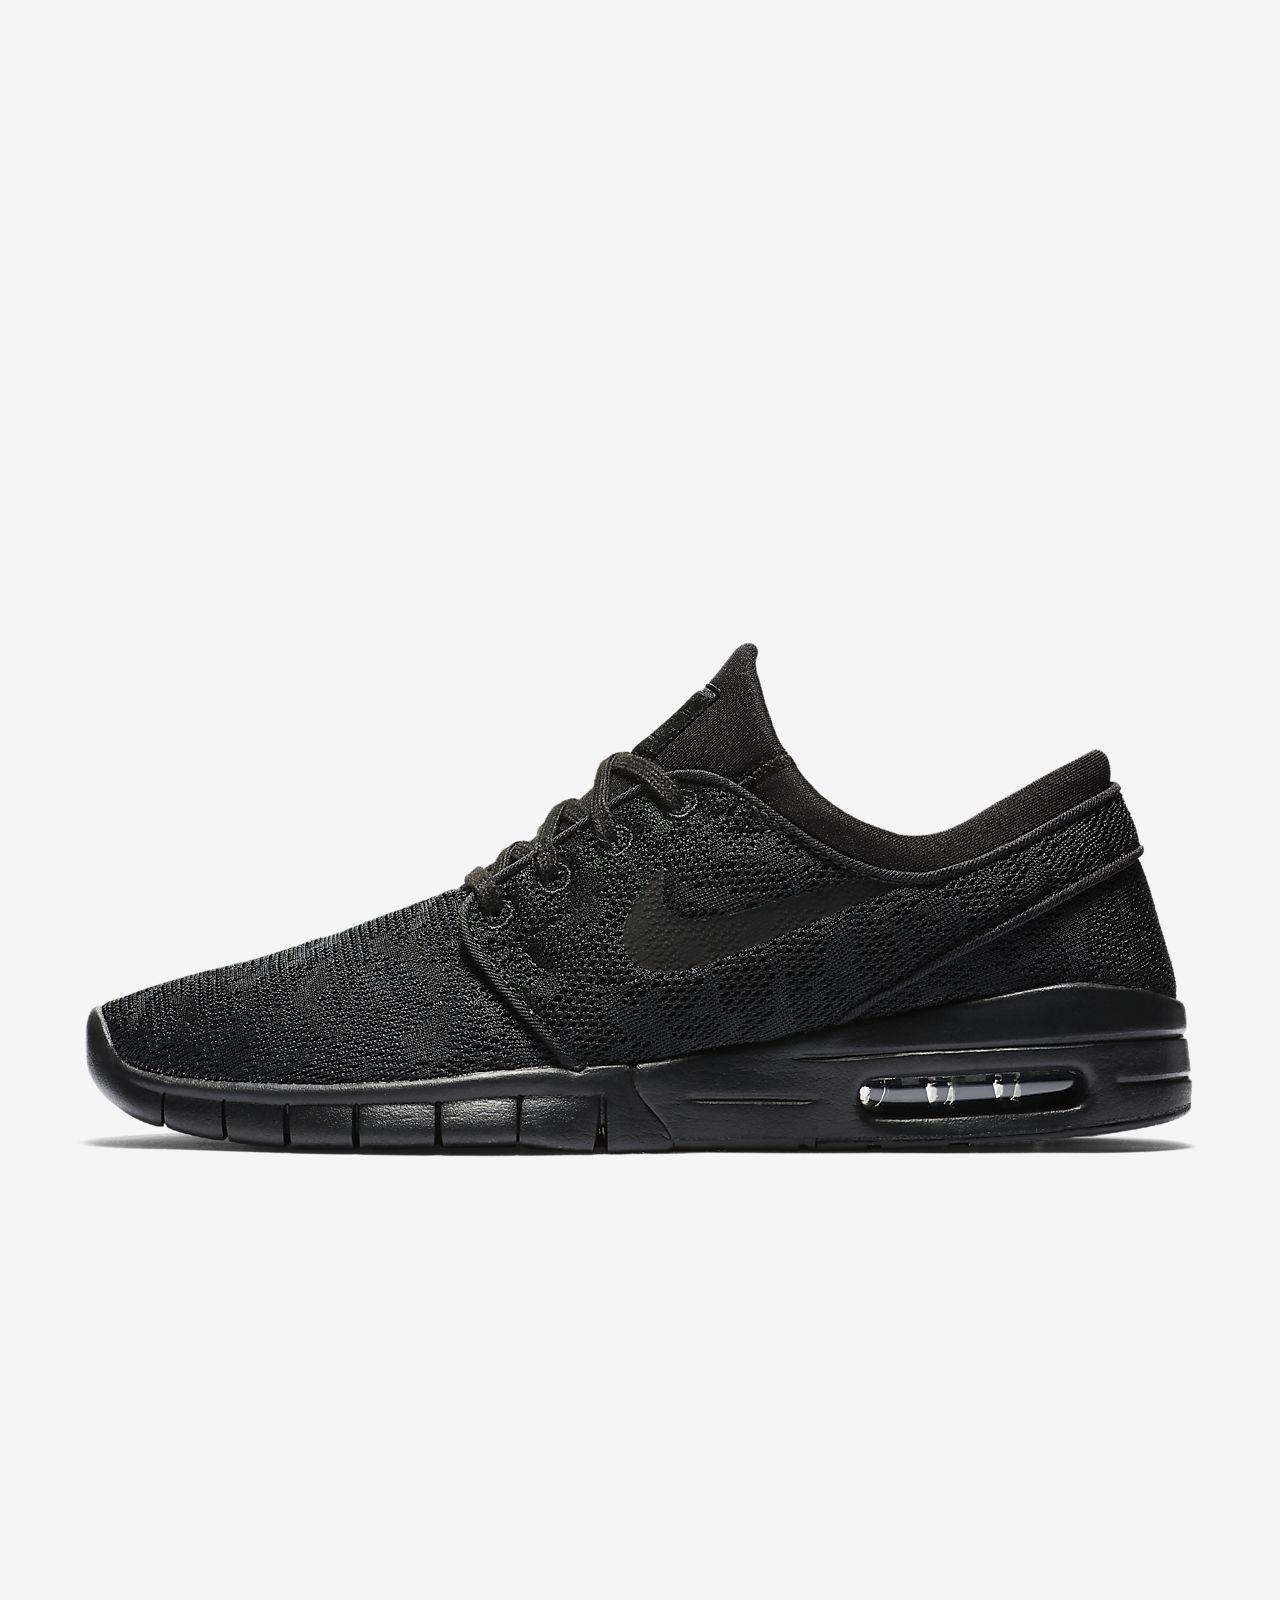 Janoski Sneakers fra NIke SB BlackWhite » Køb dem Online Her